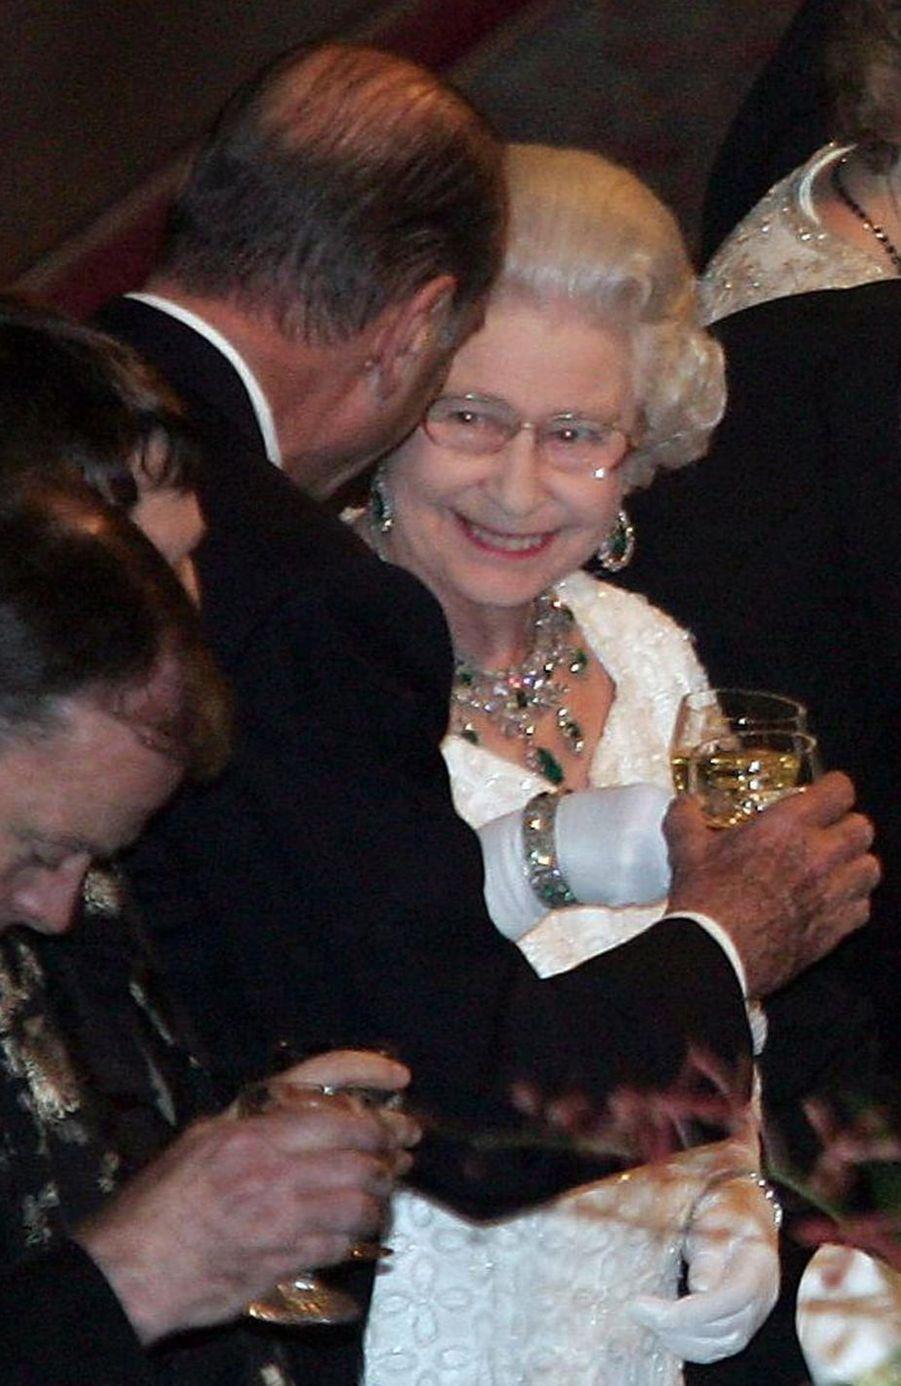 Jacques Chirac et la reine Elizabeth II lors d'un banquet au château de Windsor, en novembre 2004.